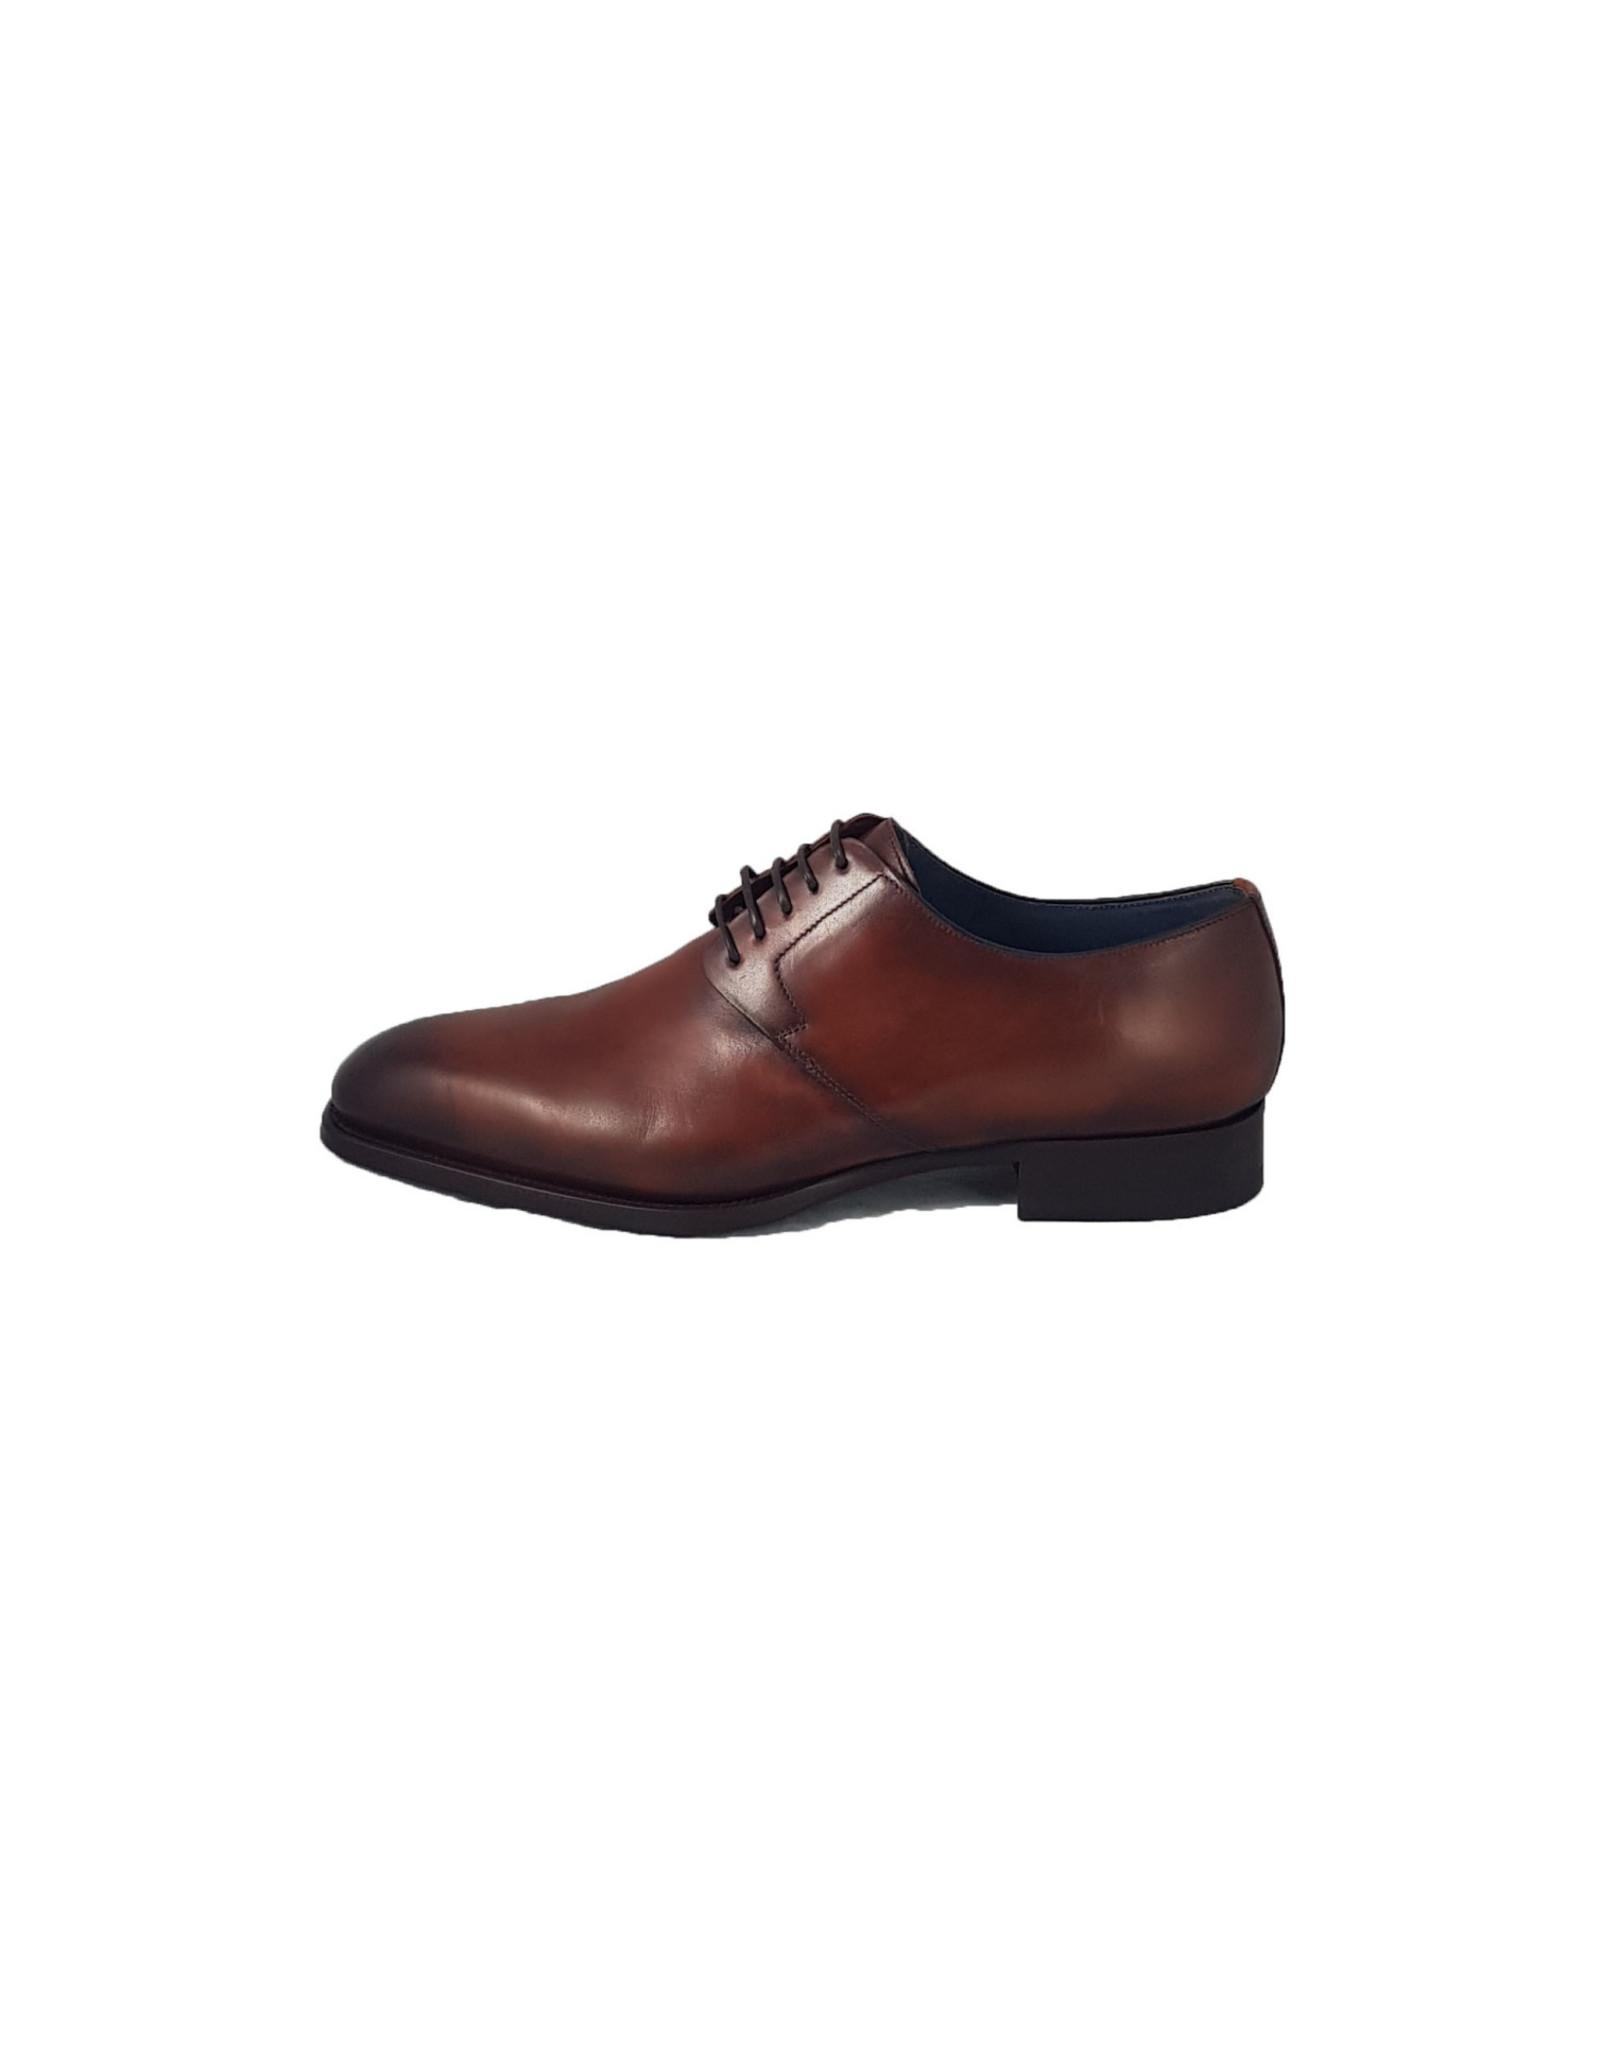 Zampiere Zampiere schoenen cognac Delave cuoio M:5284 V18